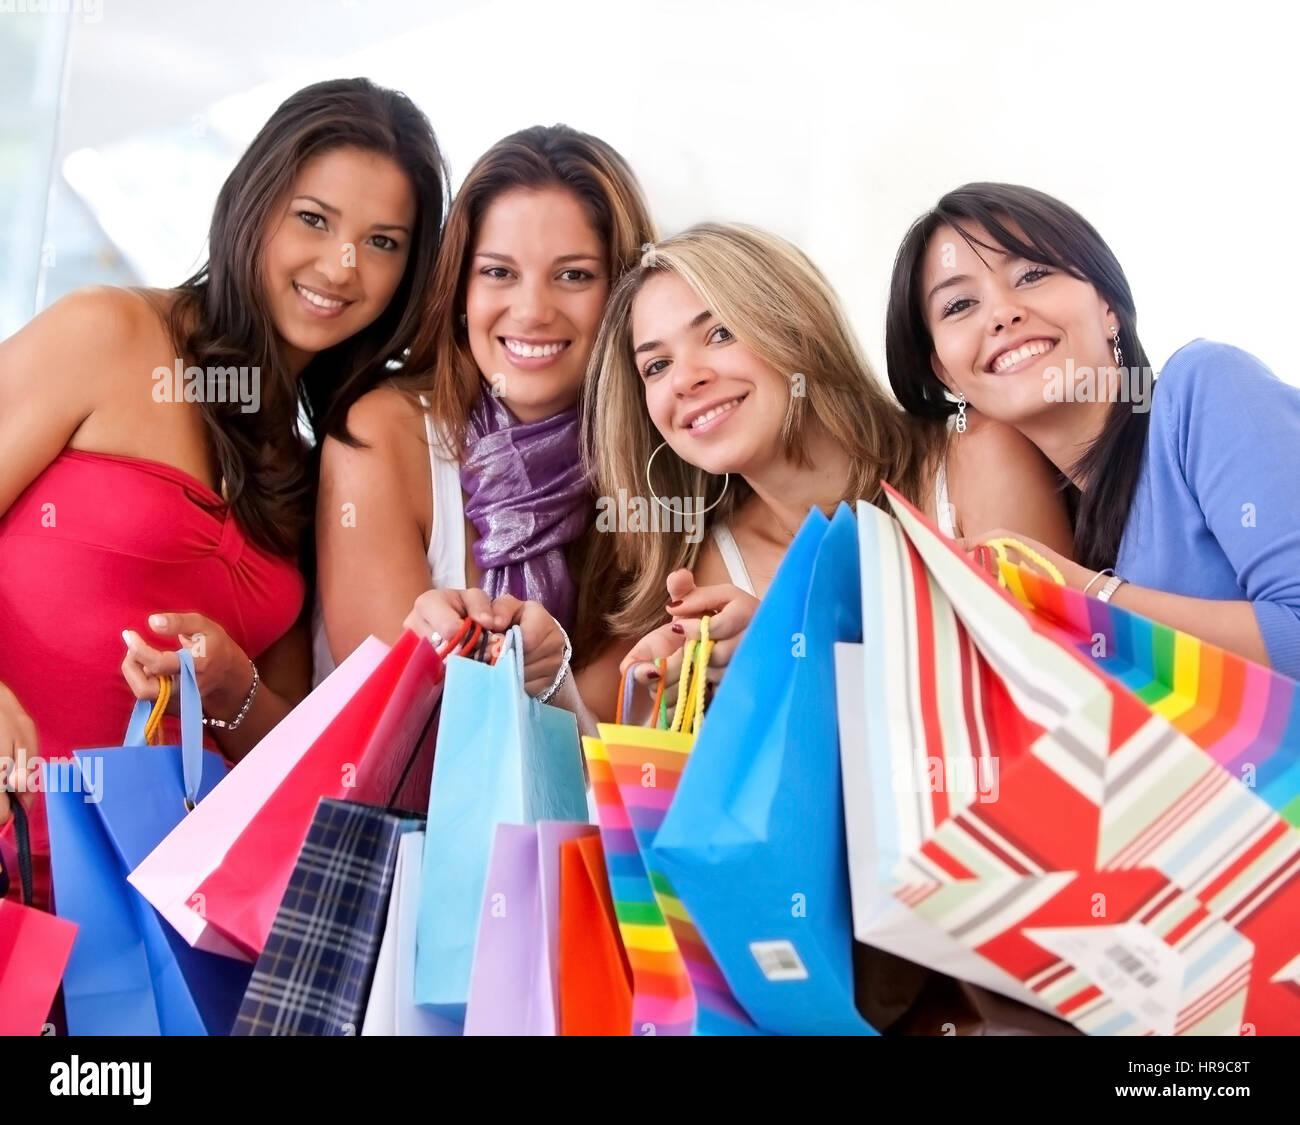 f7d0b0e601 Gruppe von Frauen in einem Einkaufszentrum mit einigen Taschen einkaufen